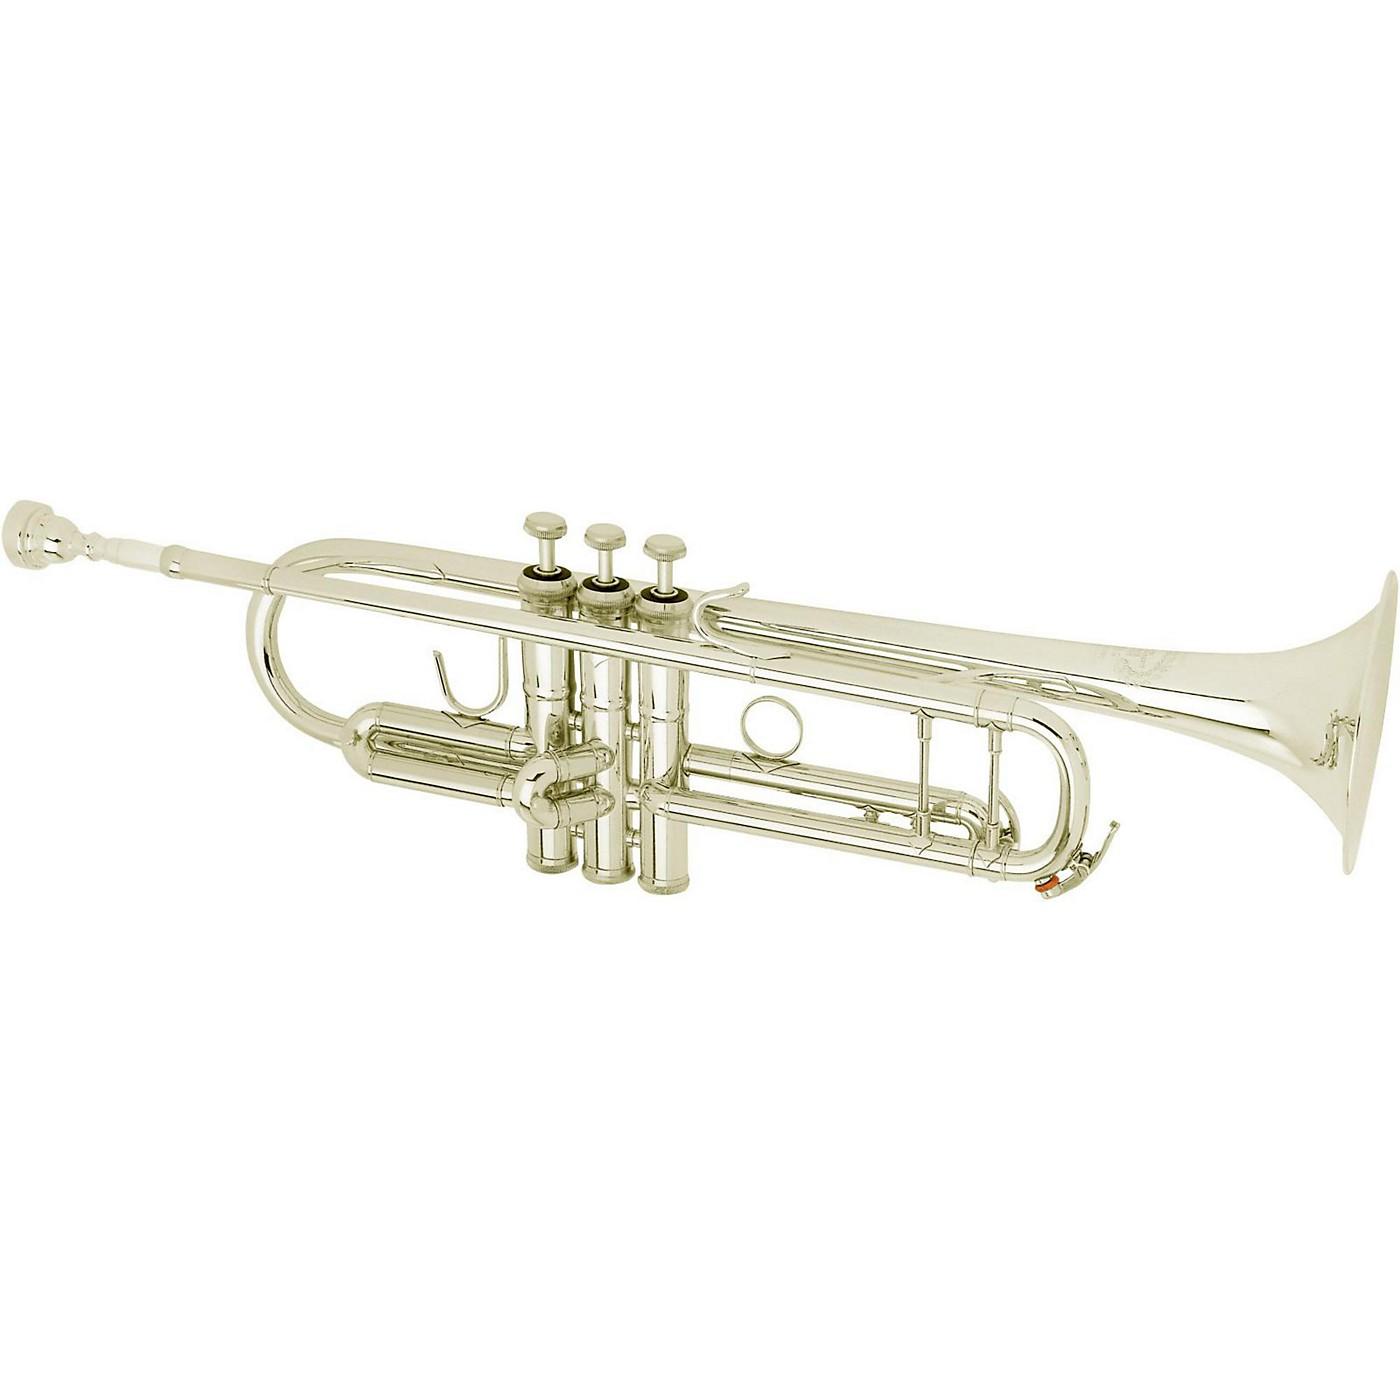 B&S 3137TC Challenger II Custom Series Bb Trumpet thumbnail